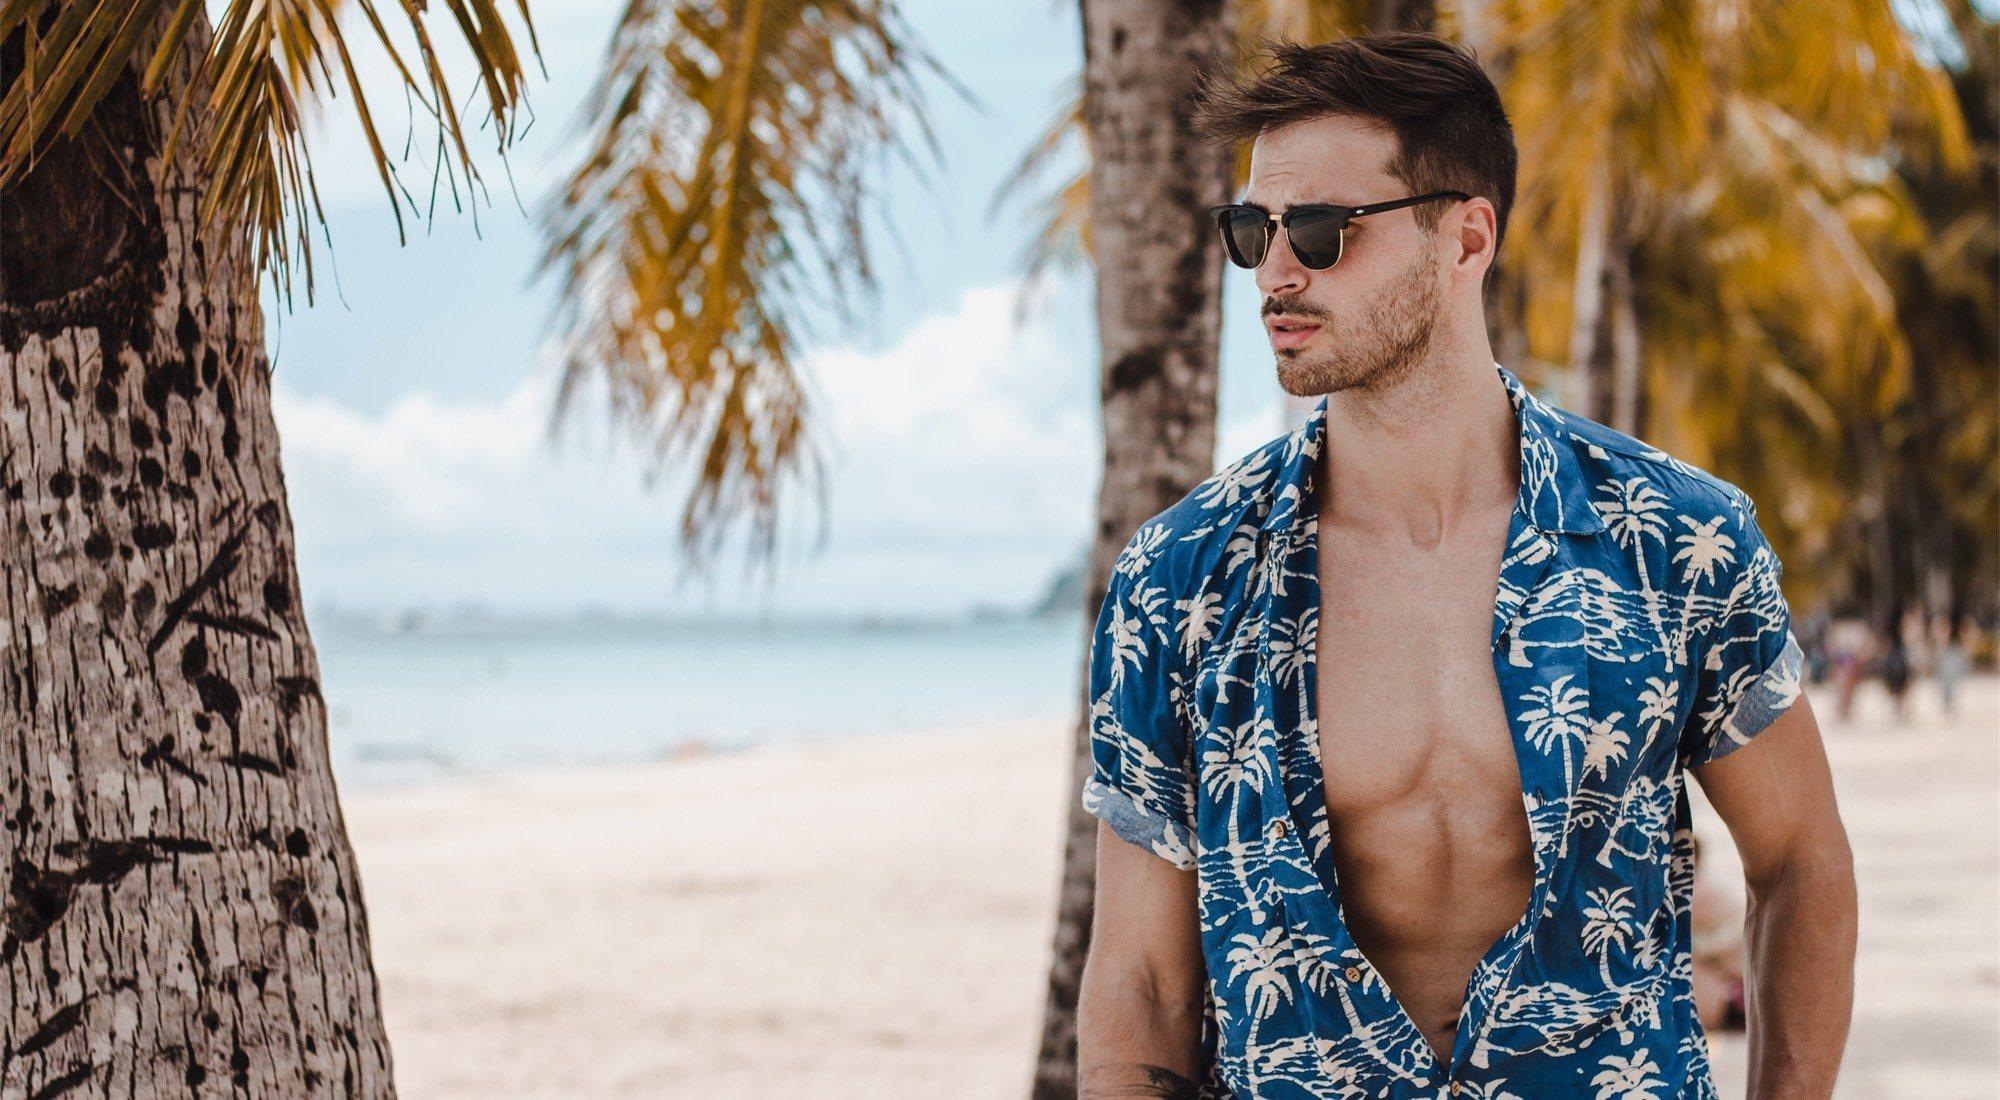 Camisas de verano, tendencias de 2019: este año se llevan llamativas